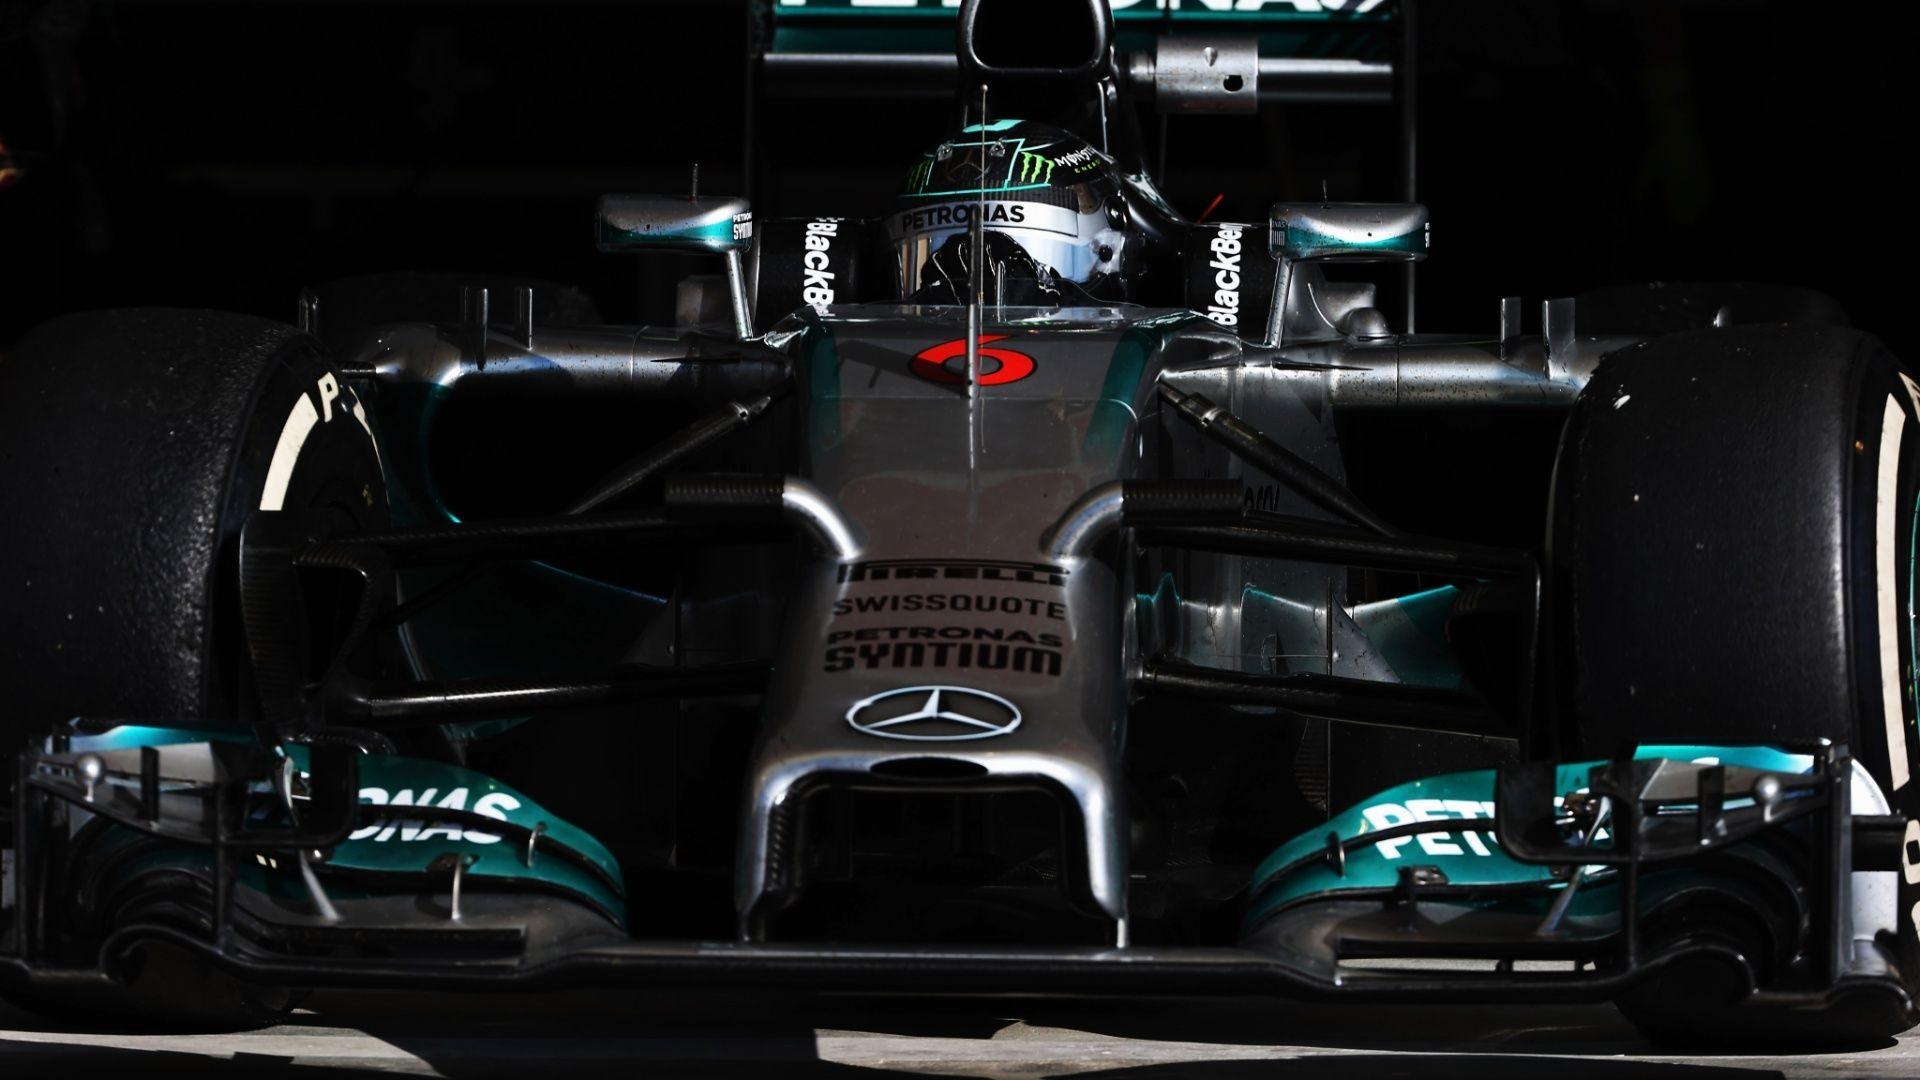 fond d'ecran formule 1 2015